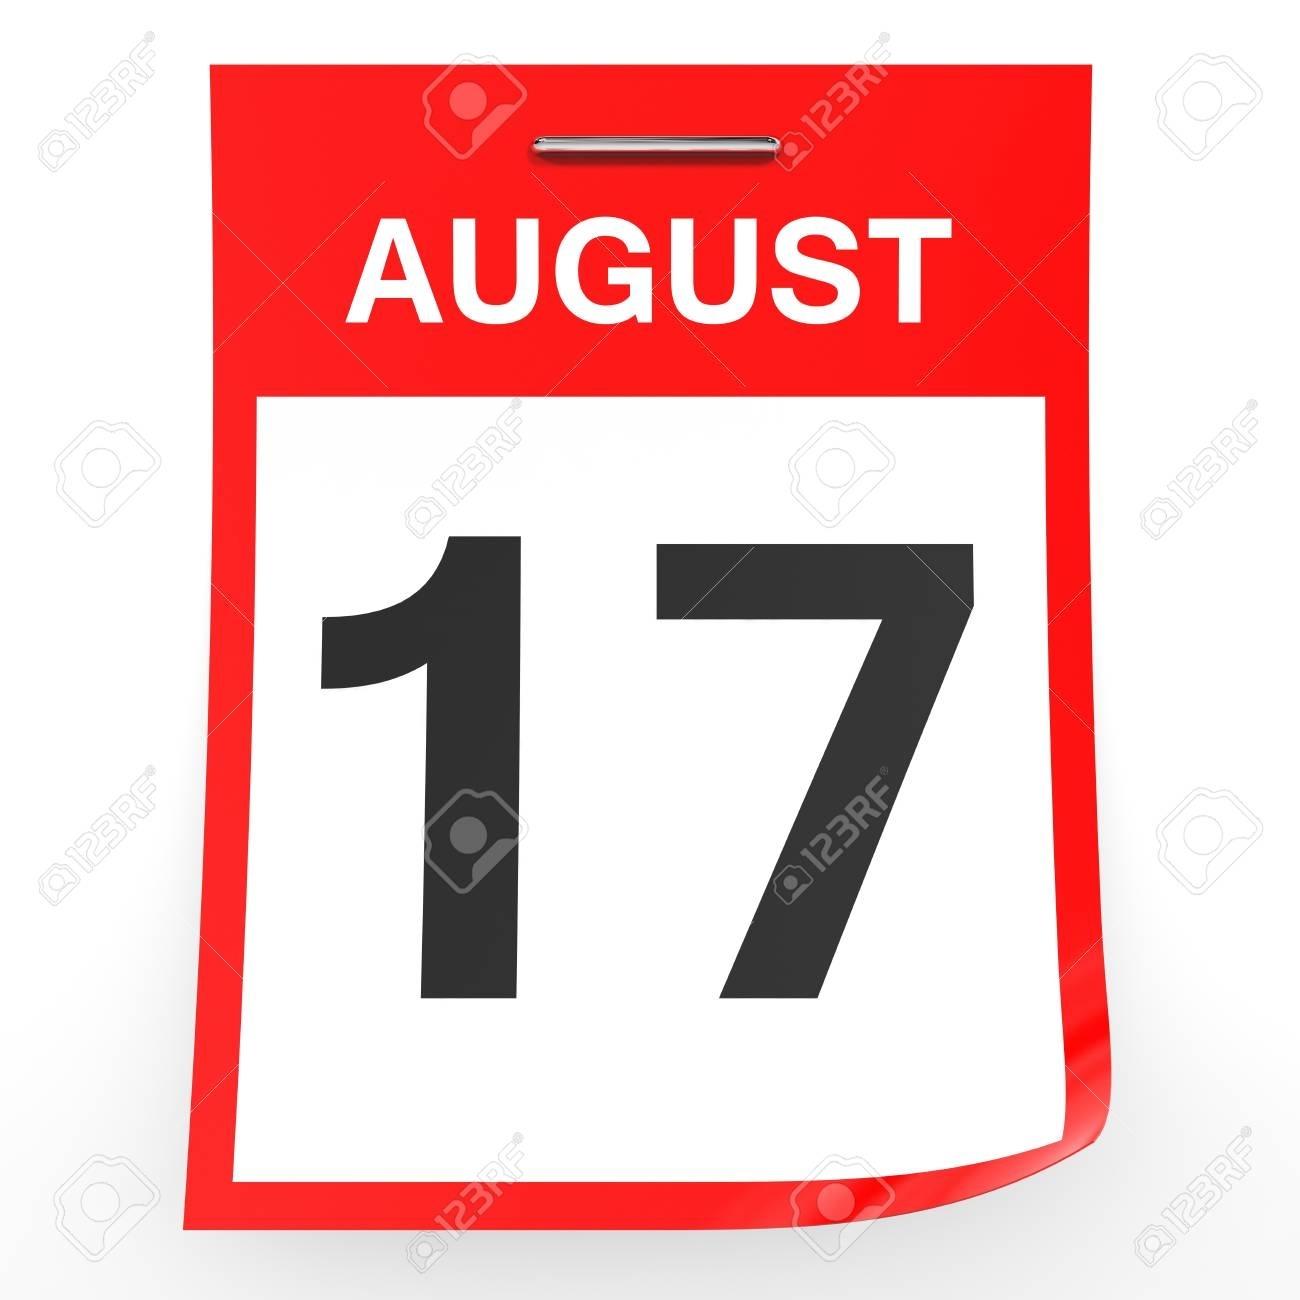 17 De Agosto De Calendario En El Fondo Blanco. Ilustración 3D. Fotos for Imagen 17 De Agosto En Calendario